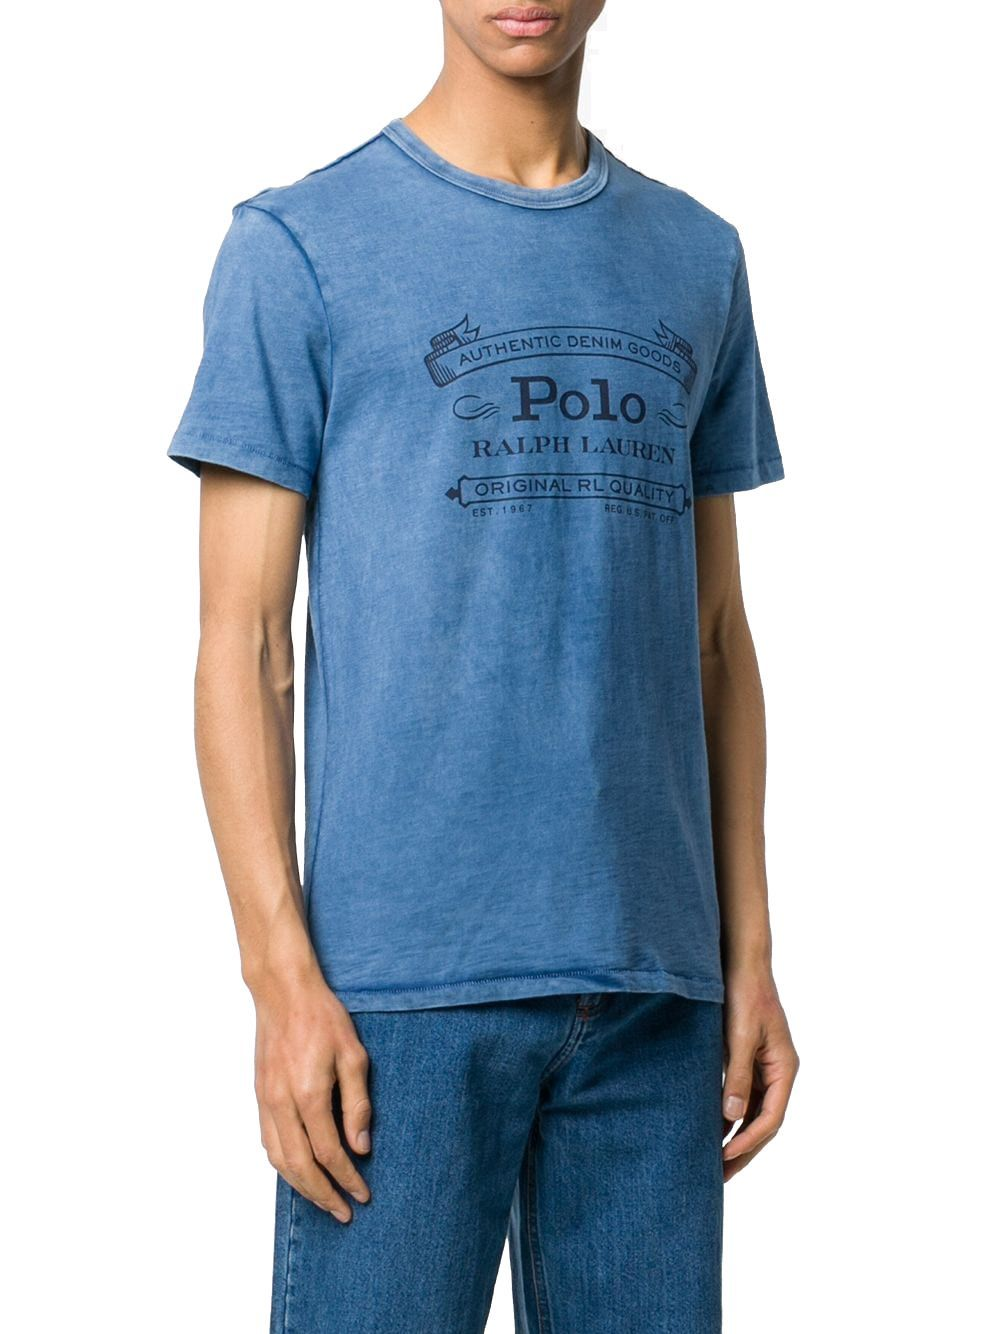 RALPH LAUREN MEN'S 710795143005 BLUE COTTON T-SHIRT